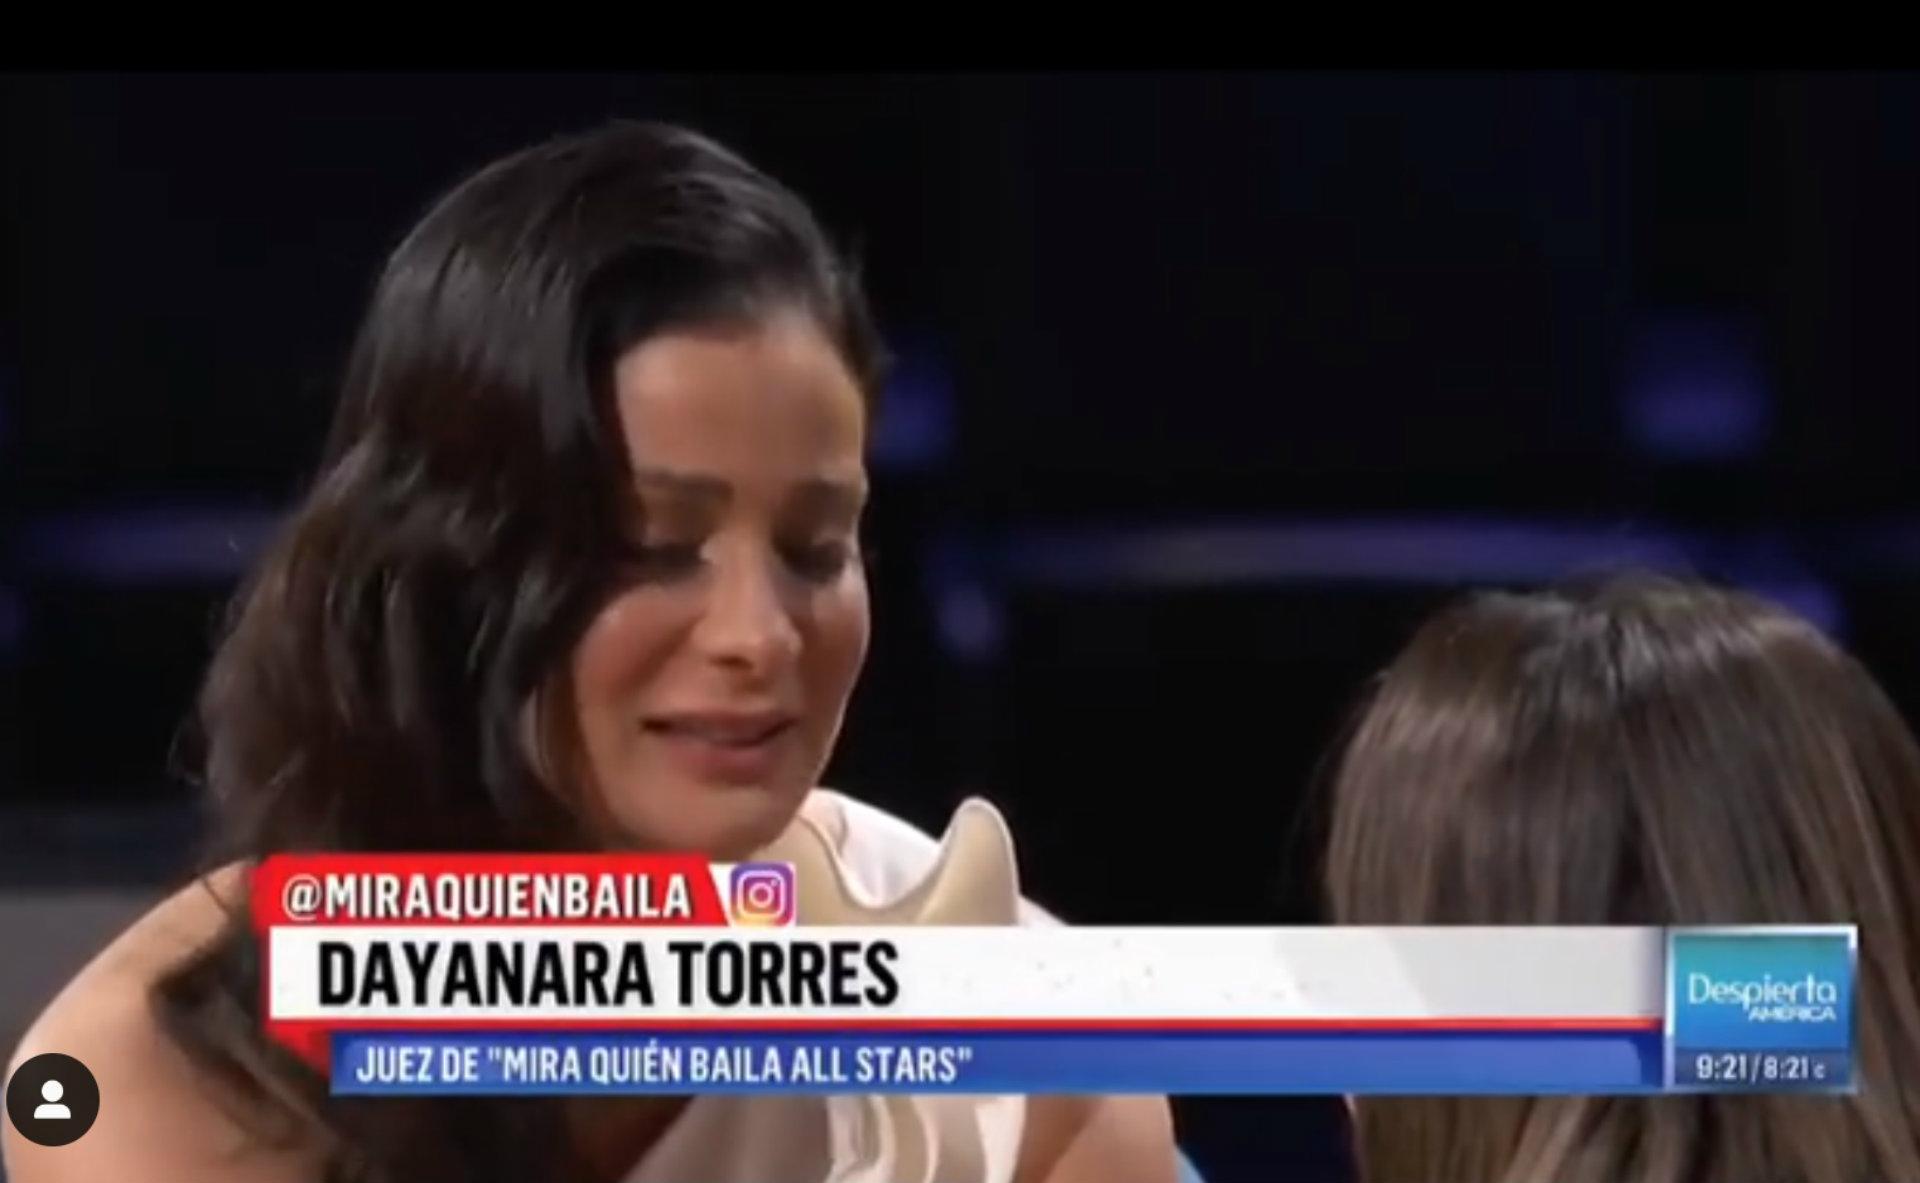 Dayanara reveló que tiene melanoma